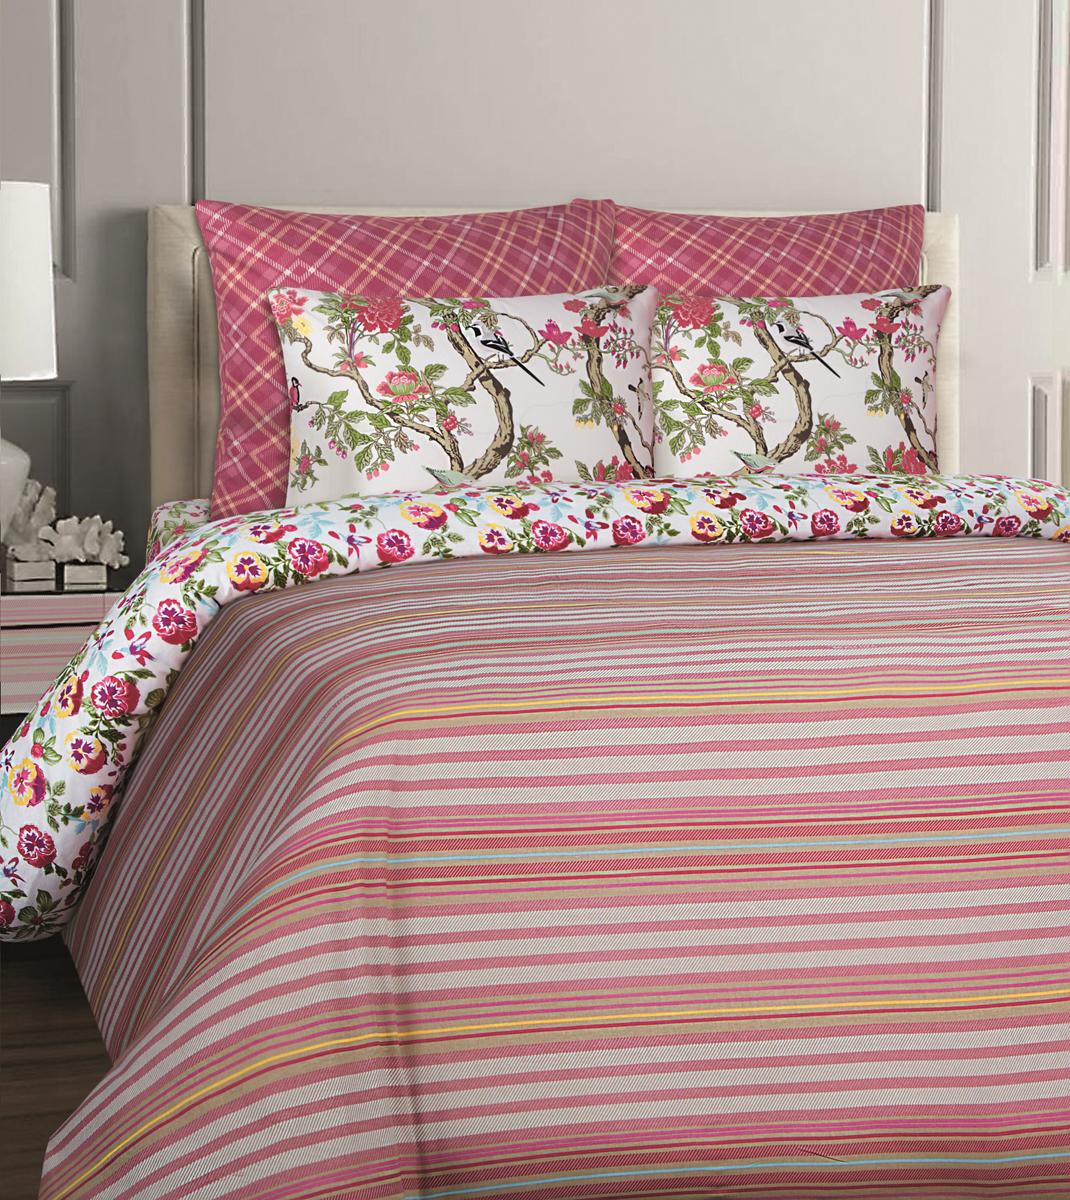 Комплект белья Mona Liza British Bristol, 1,5-спальный, наволочки 70x70. 551114-66 комплект белья mona liza stone topaz 1 5 спальный наволочки 70x70 551114 63